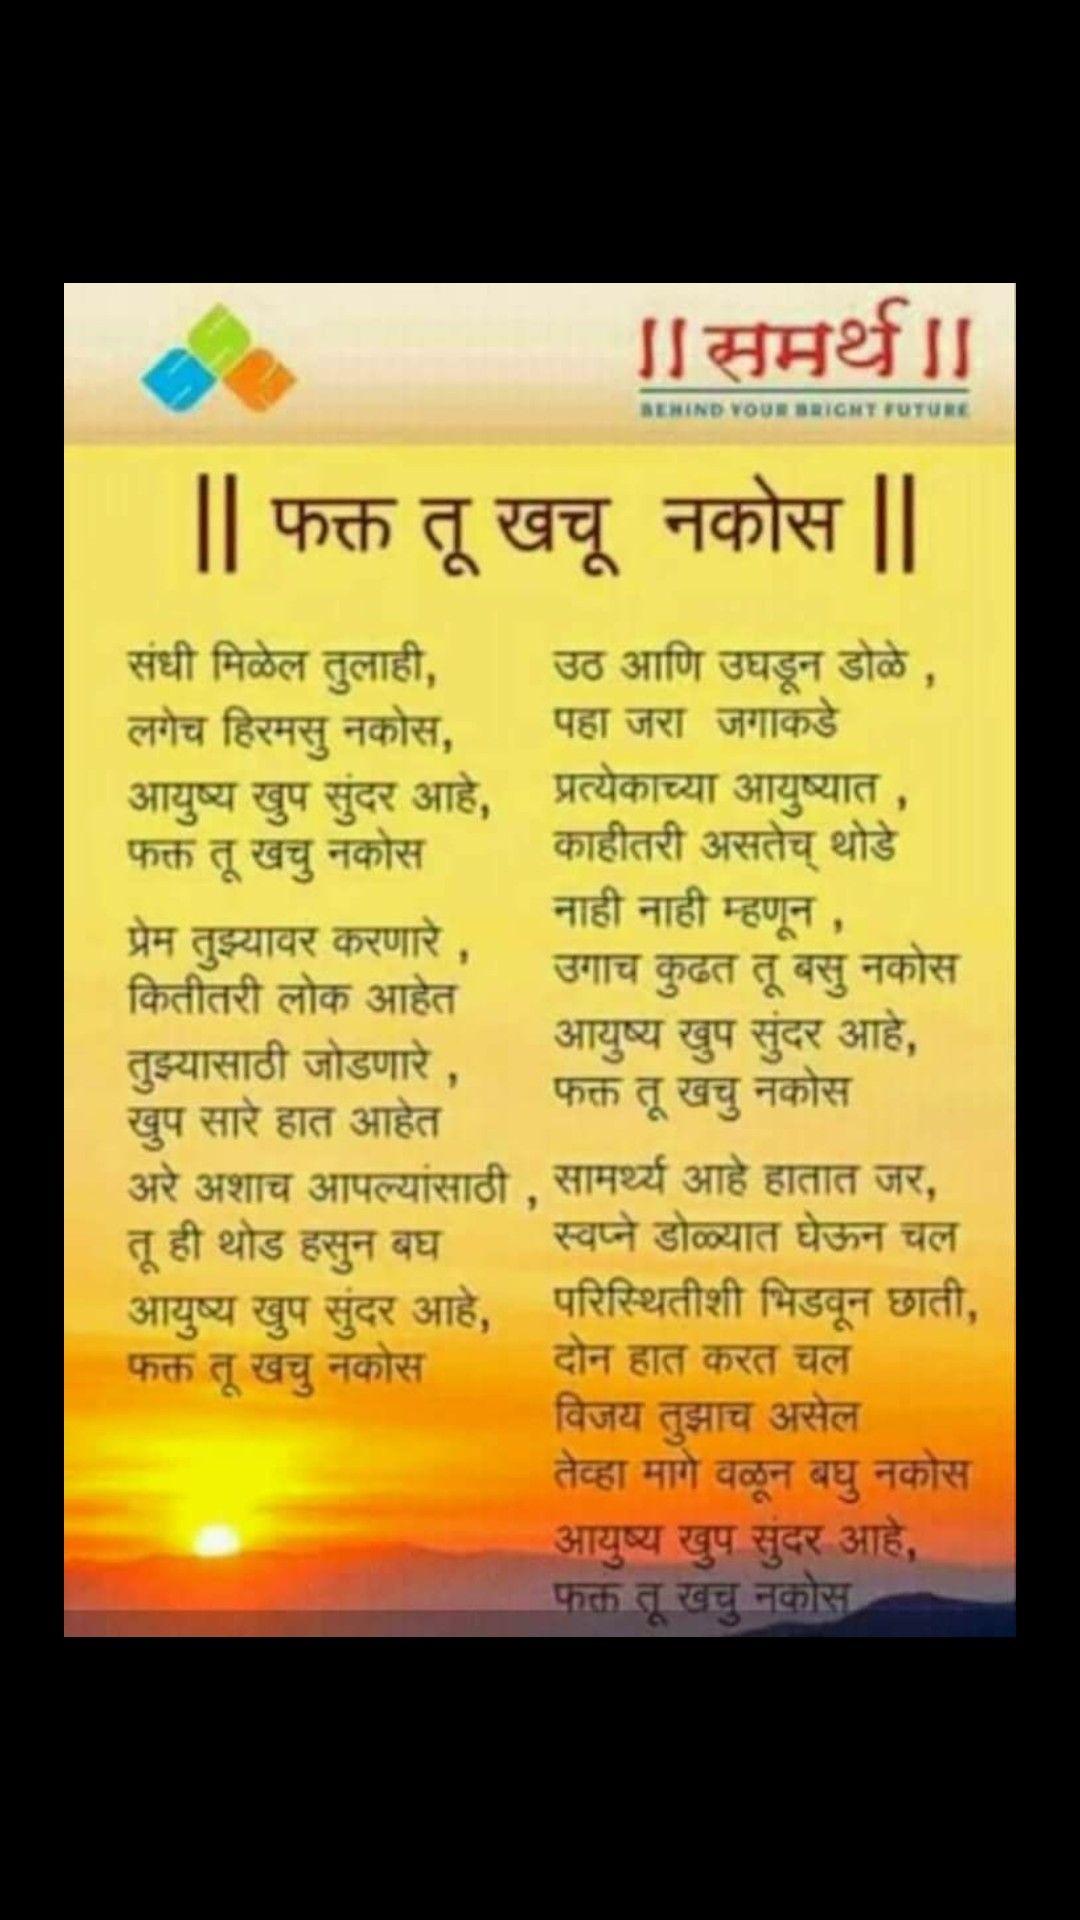 Pin by Swati Prakash on Marathi Quotes Motivational